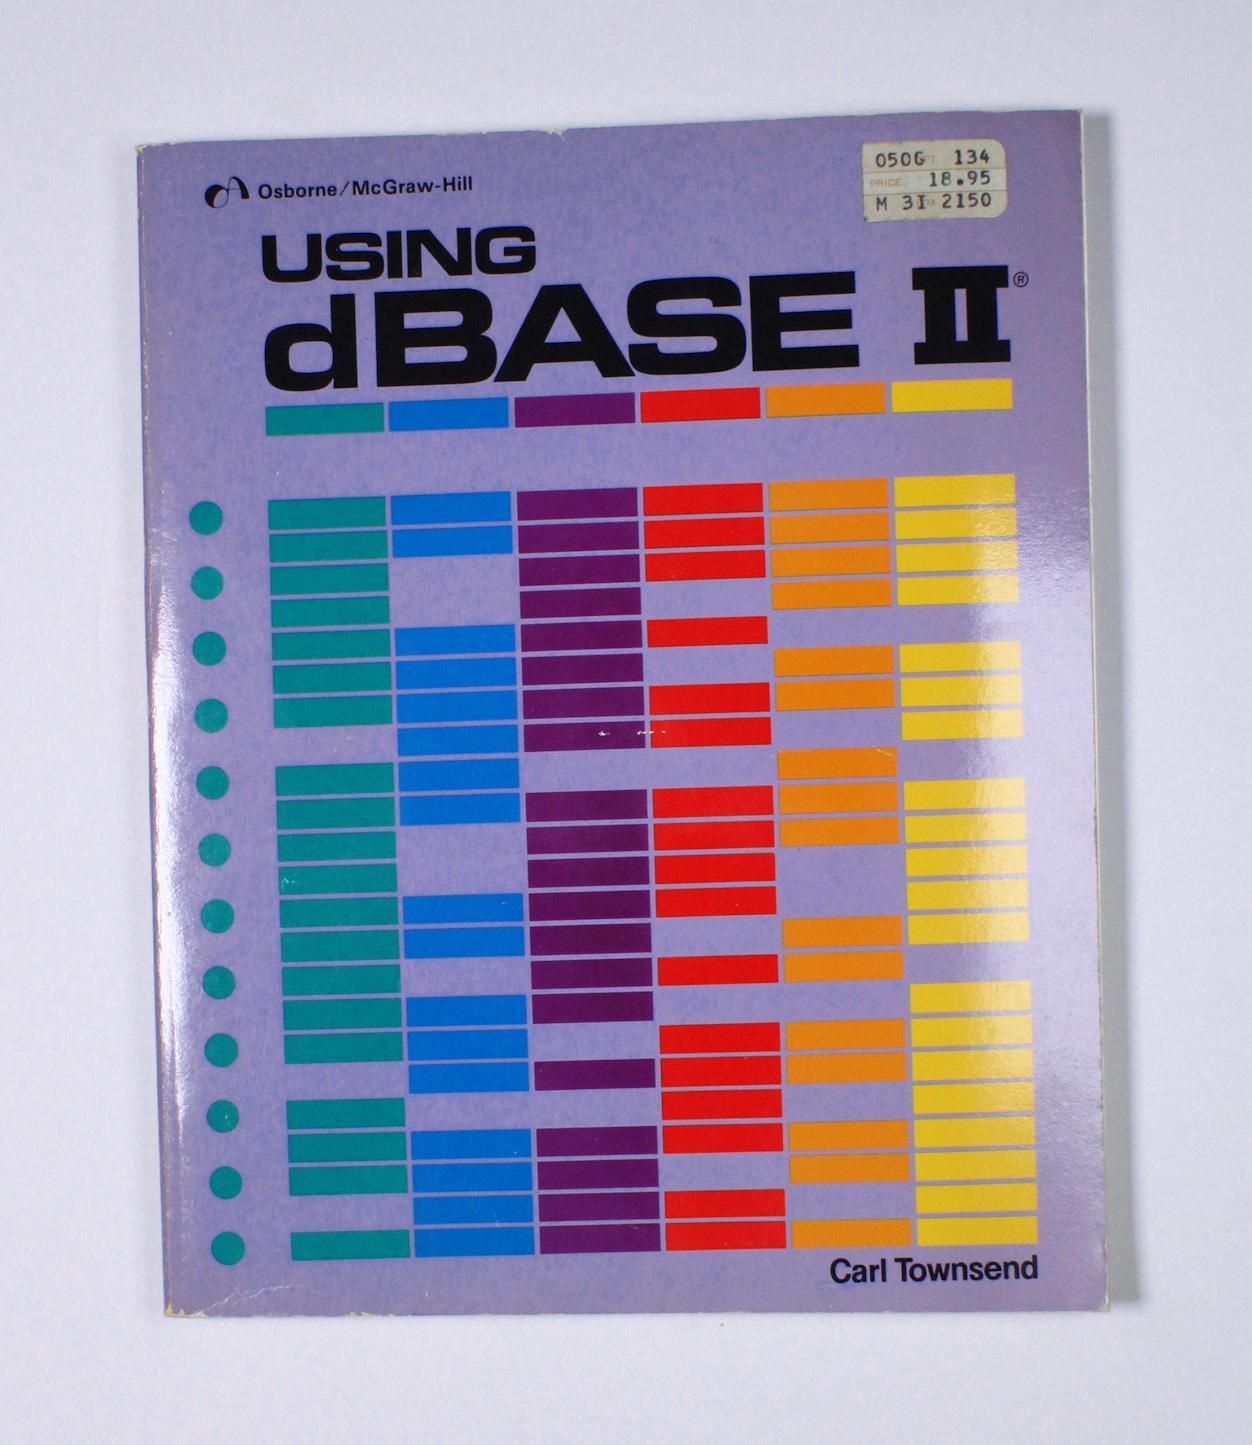 Using dBase II